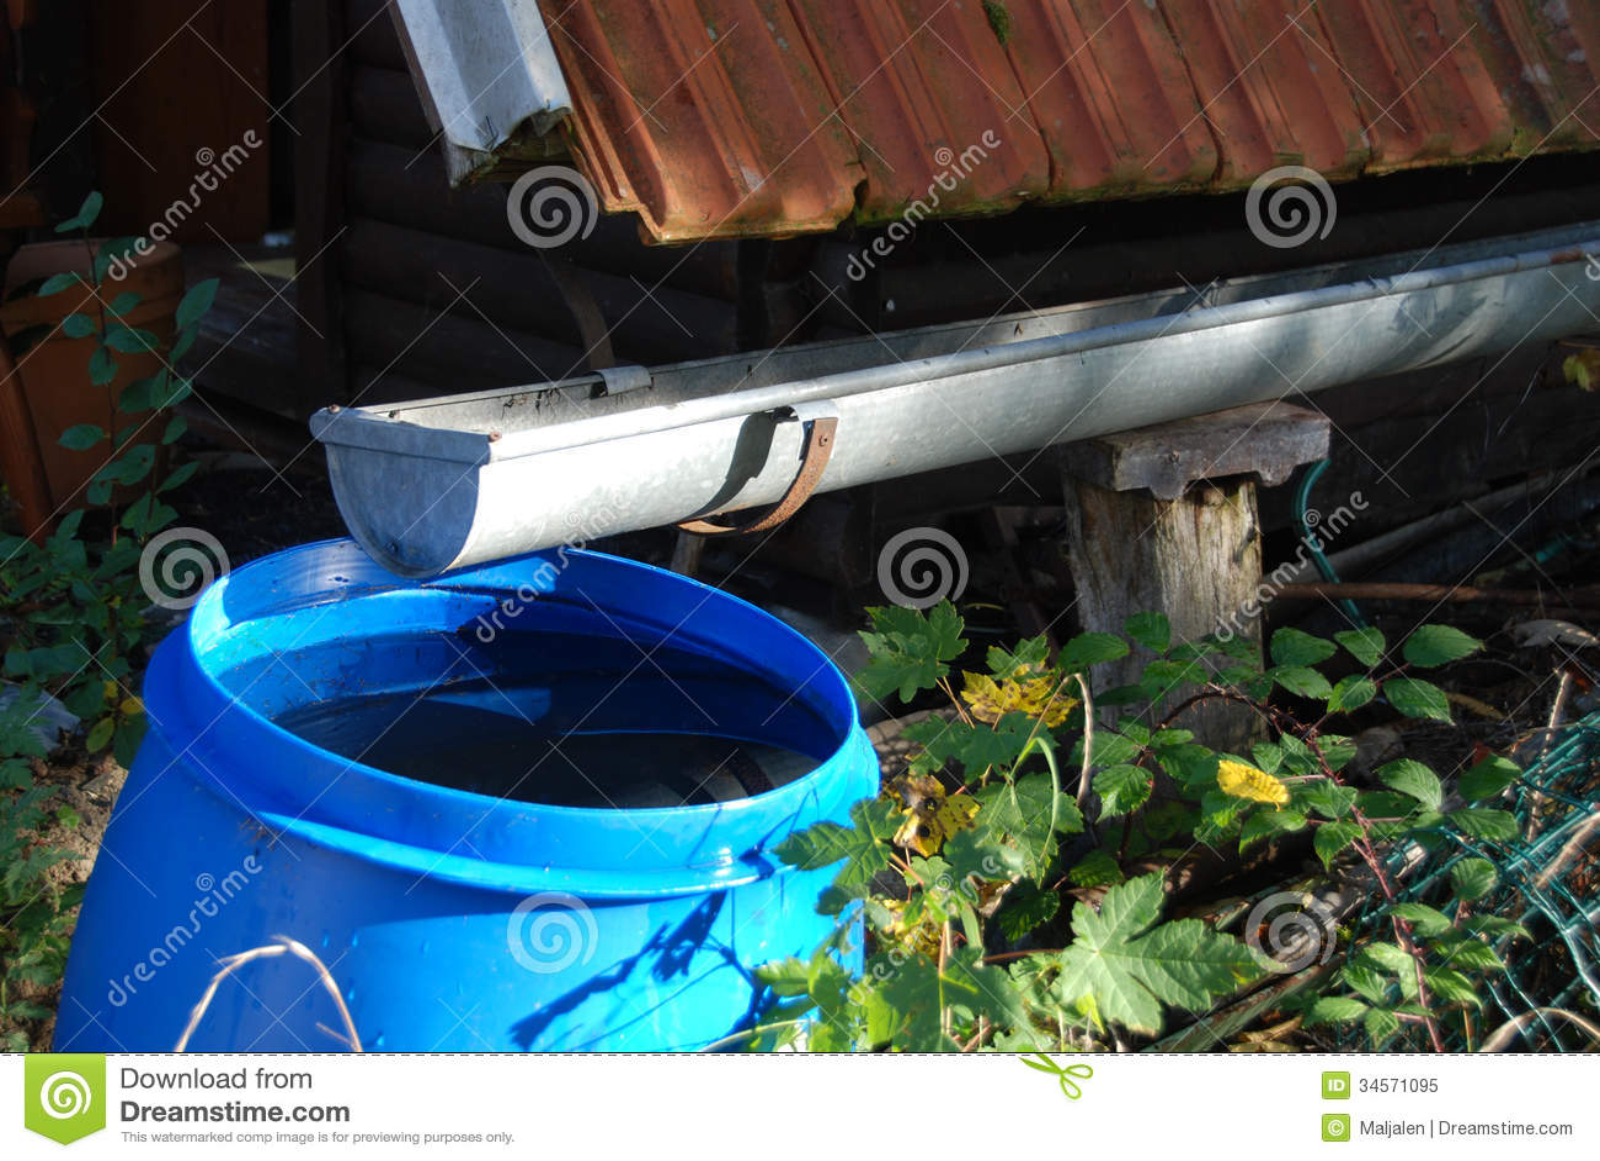 Regenwasser für die Bewässerung des Gartens sammeln